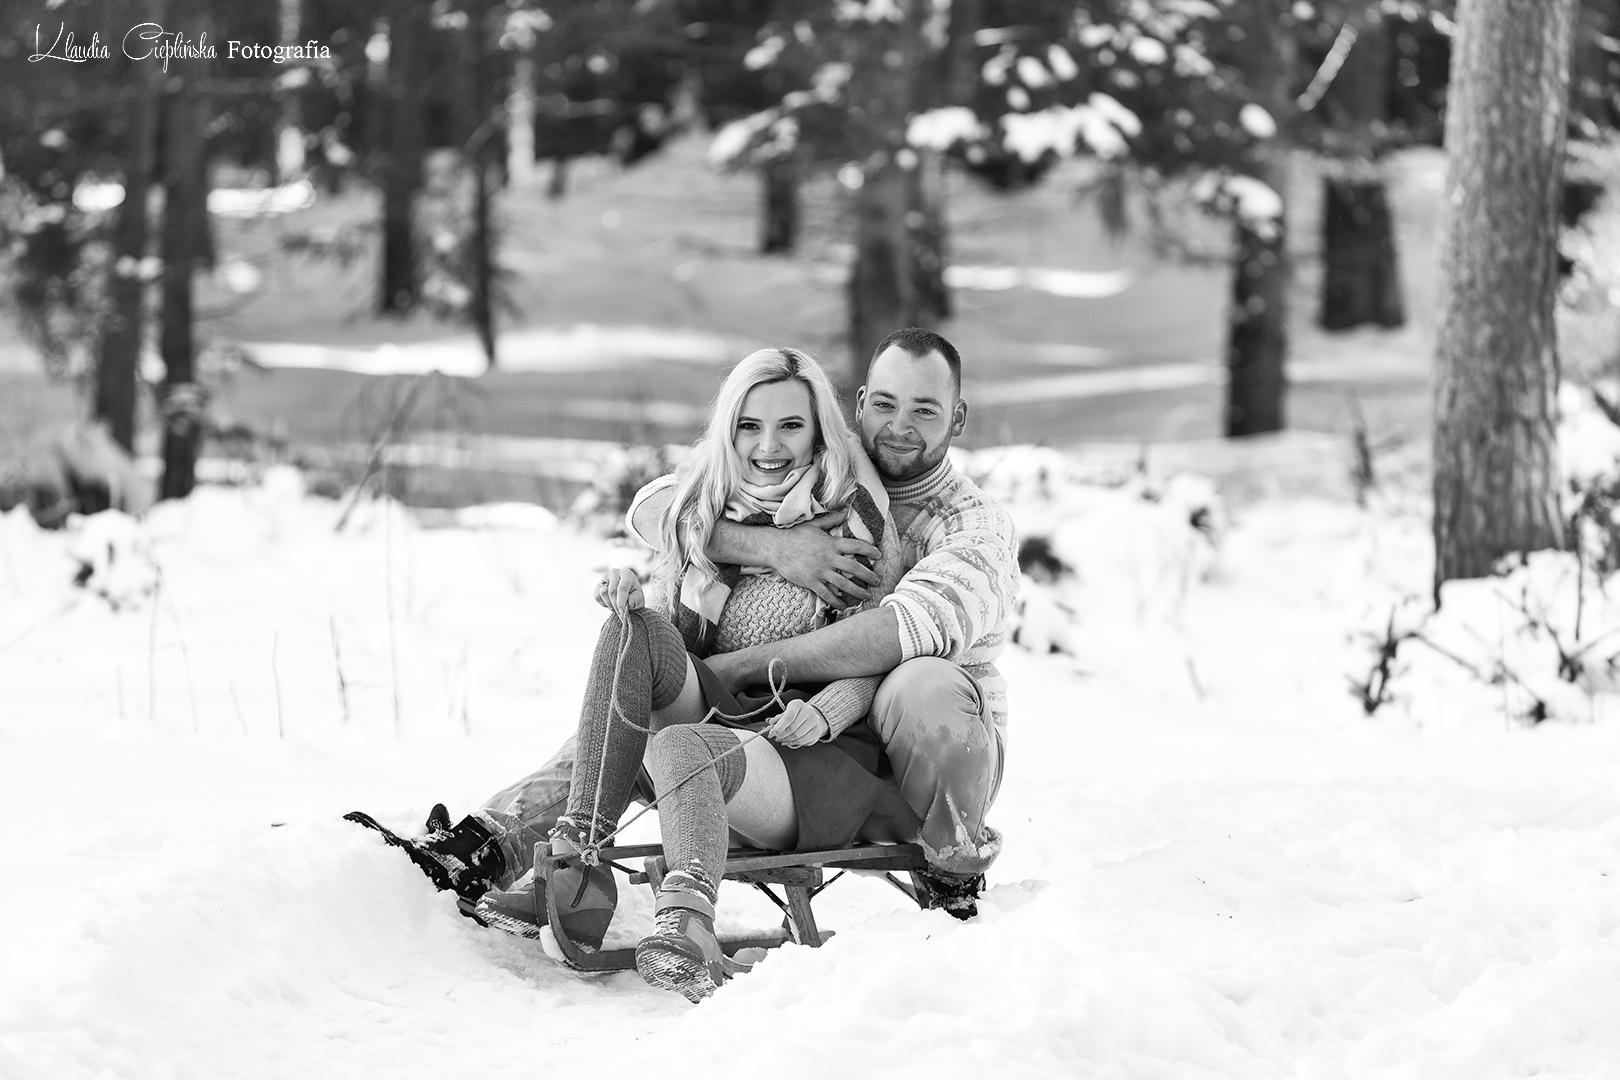 Sesja plenerowa zimą. Fotografia Jelenia Góra - profesjonalne sesje narzeczeńskie, pary, rodzinne.